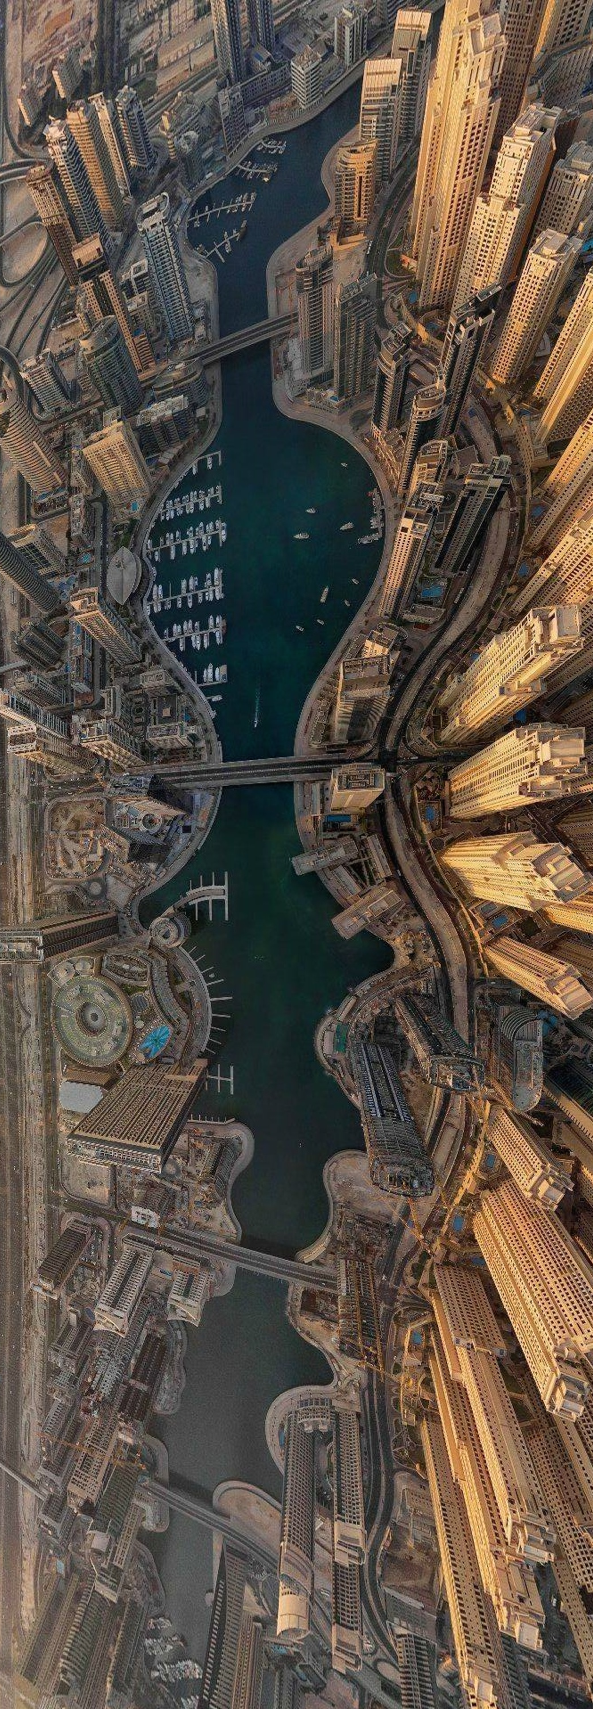 Dubai UAE u003eu003e httpwwwdubaicitycompanycom Hello Followers hope